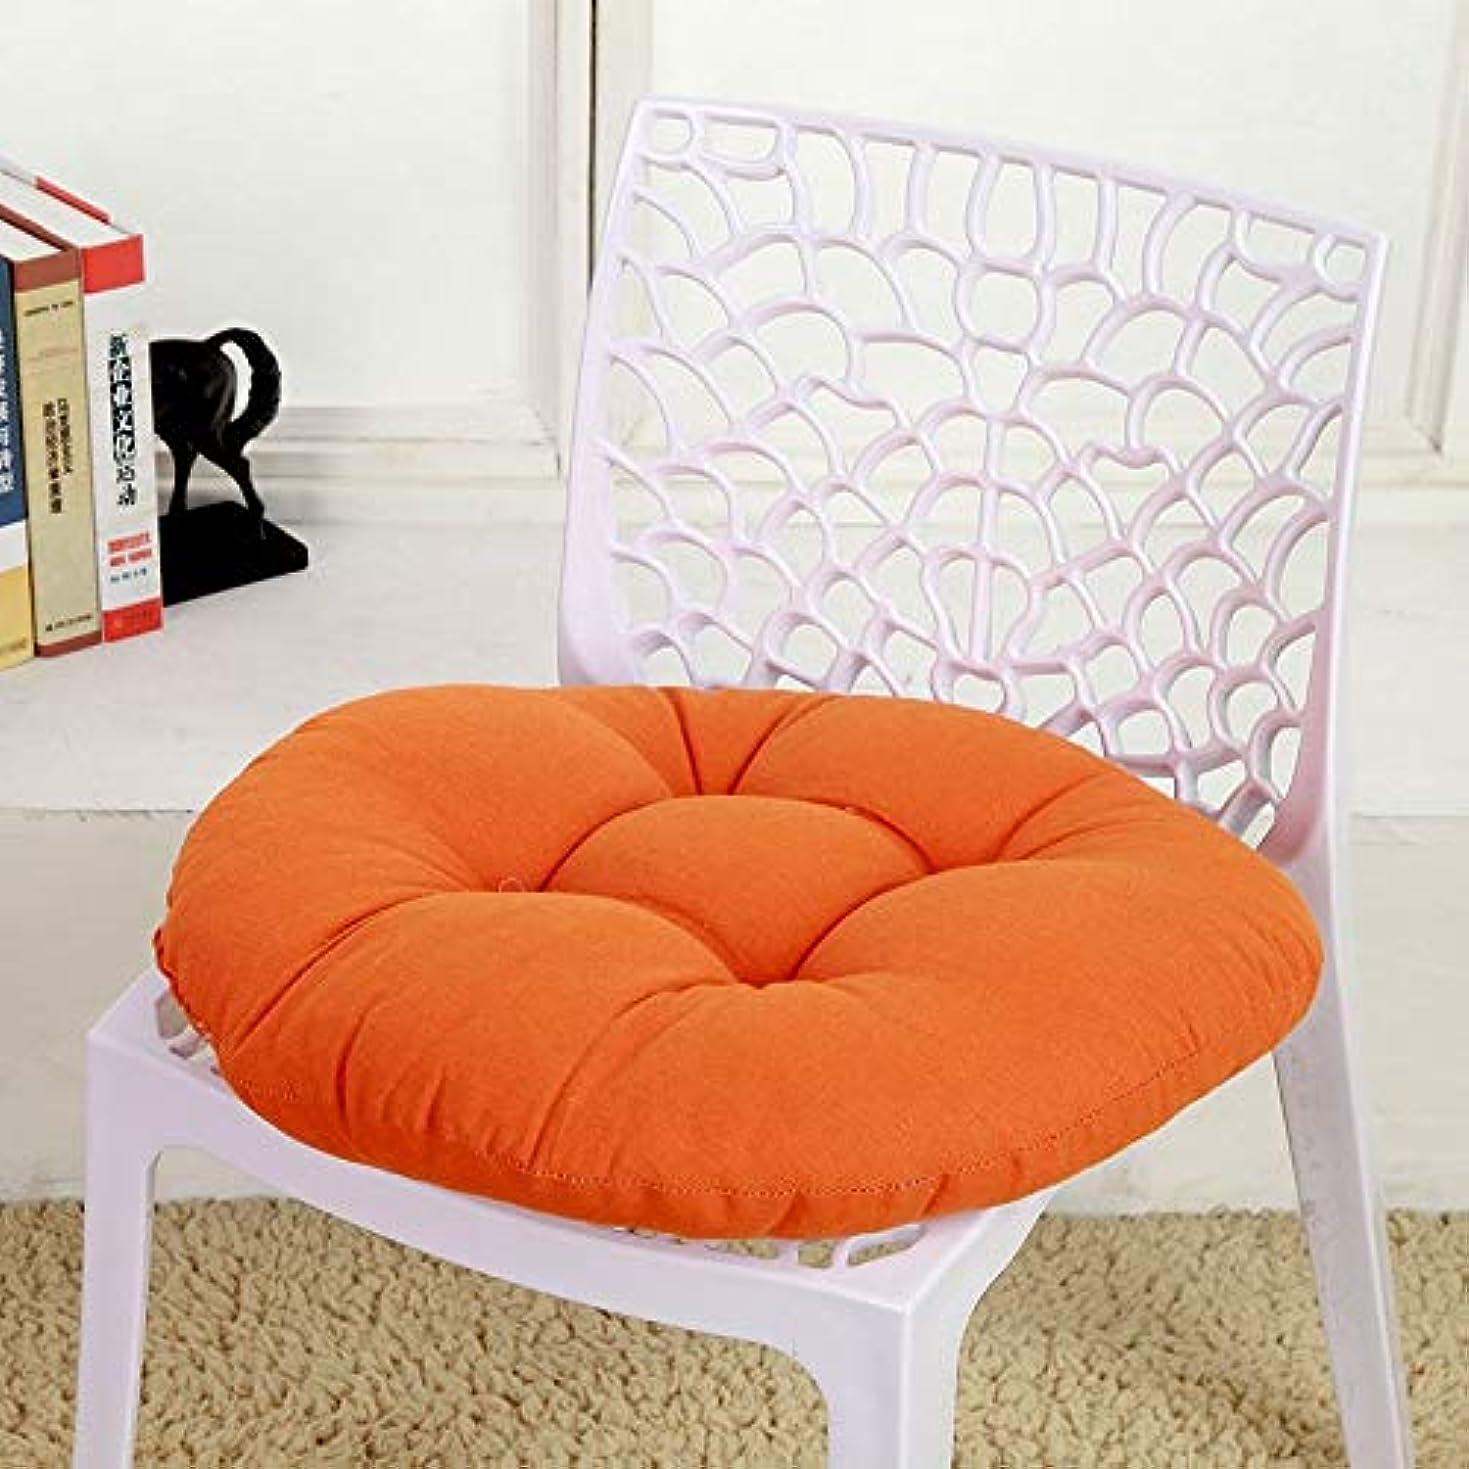 不定カウント下LIFE キャンディカラーのクッションラウンドシートクッション波ウィンドウシートクッションクッション家の装飾パッドラウンド枕シート枕椅子座る枕 クッション 椅子